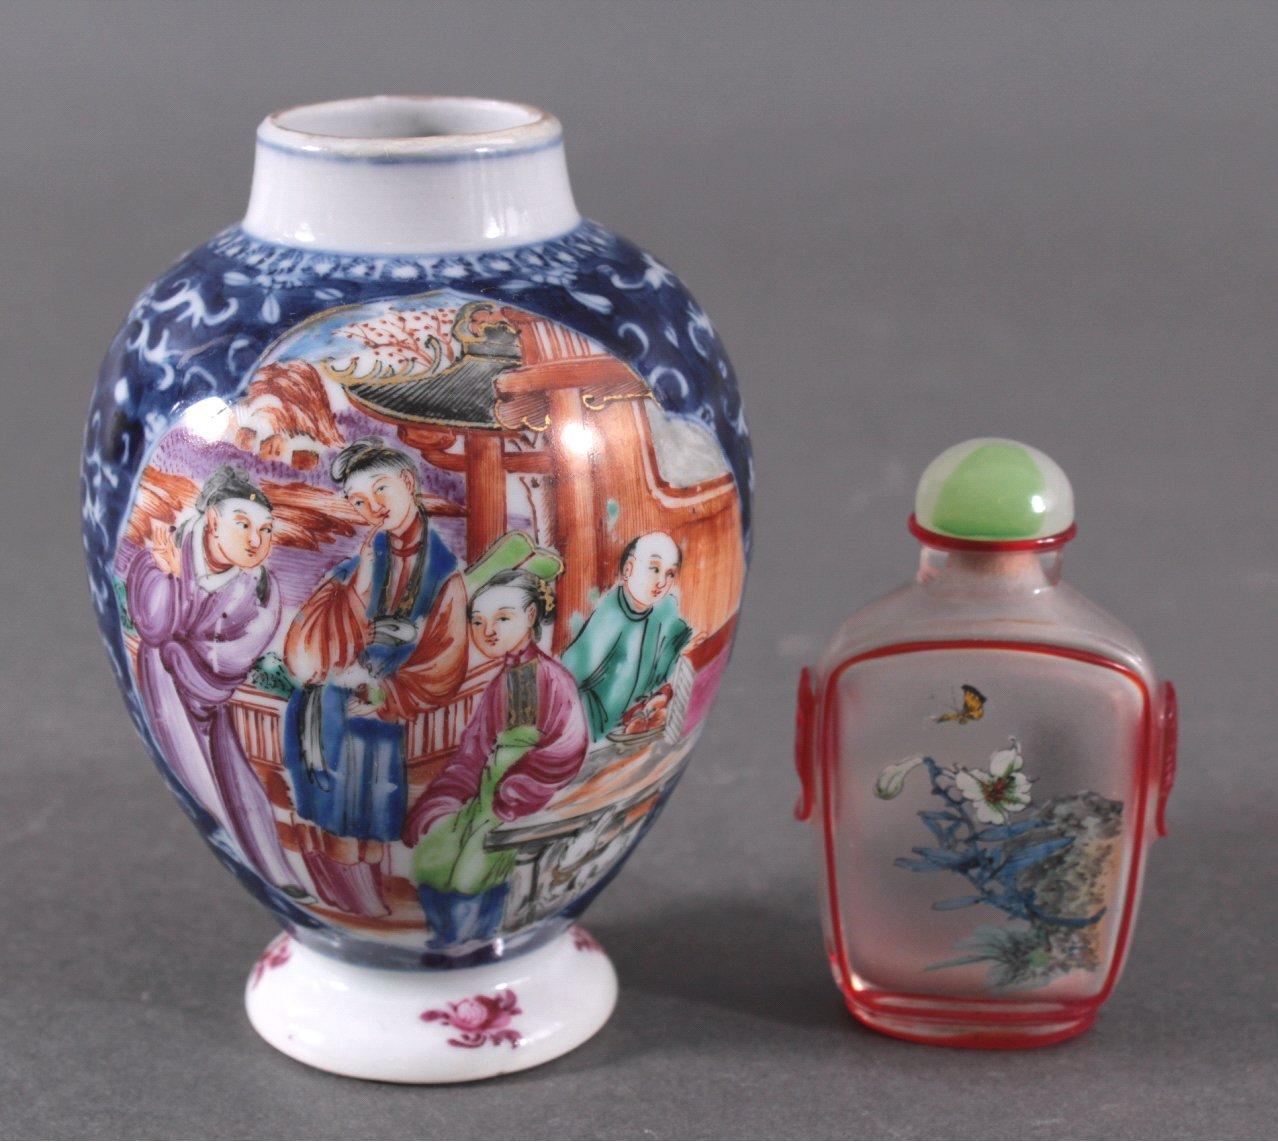 Konvolut Asiatisches Porzellan und Snuff Bottle, 20 Jh.-1